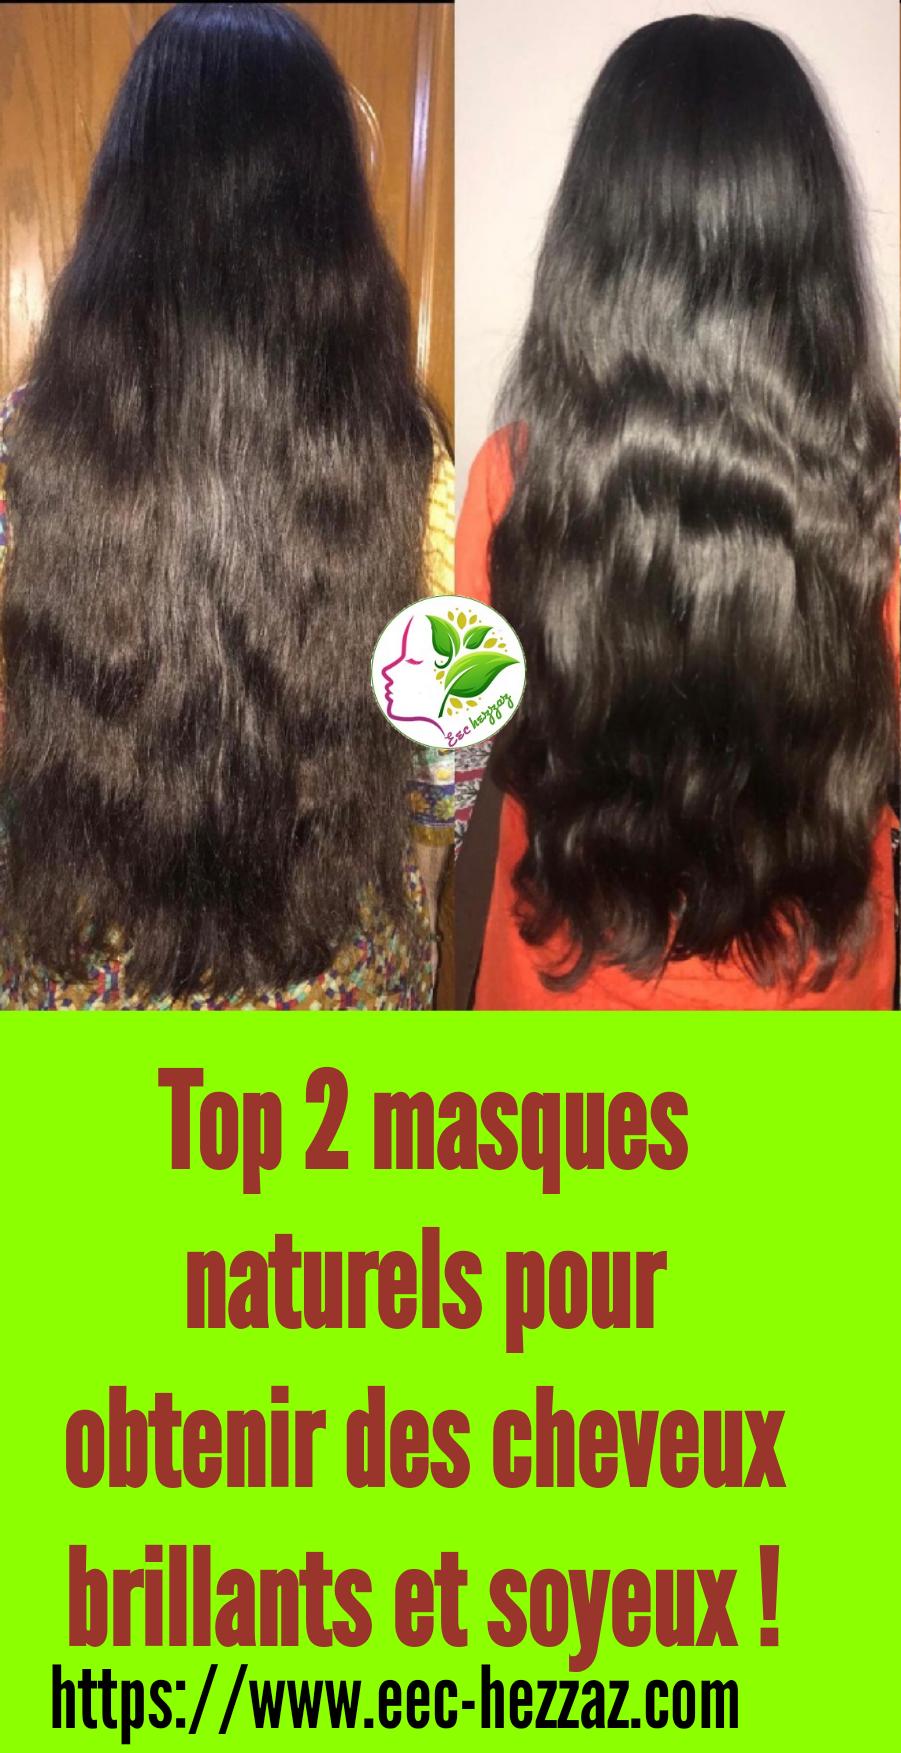 Top 2 masques naturels pour obtenir des cheveux brillants et soyeux !